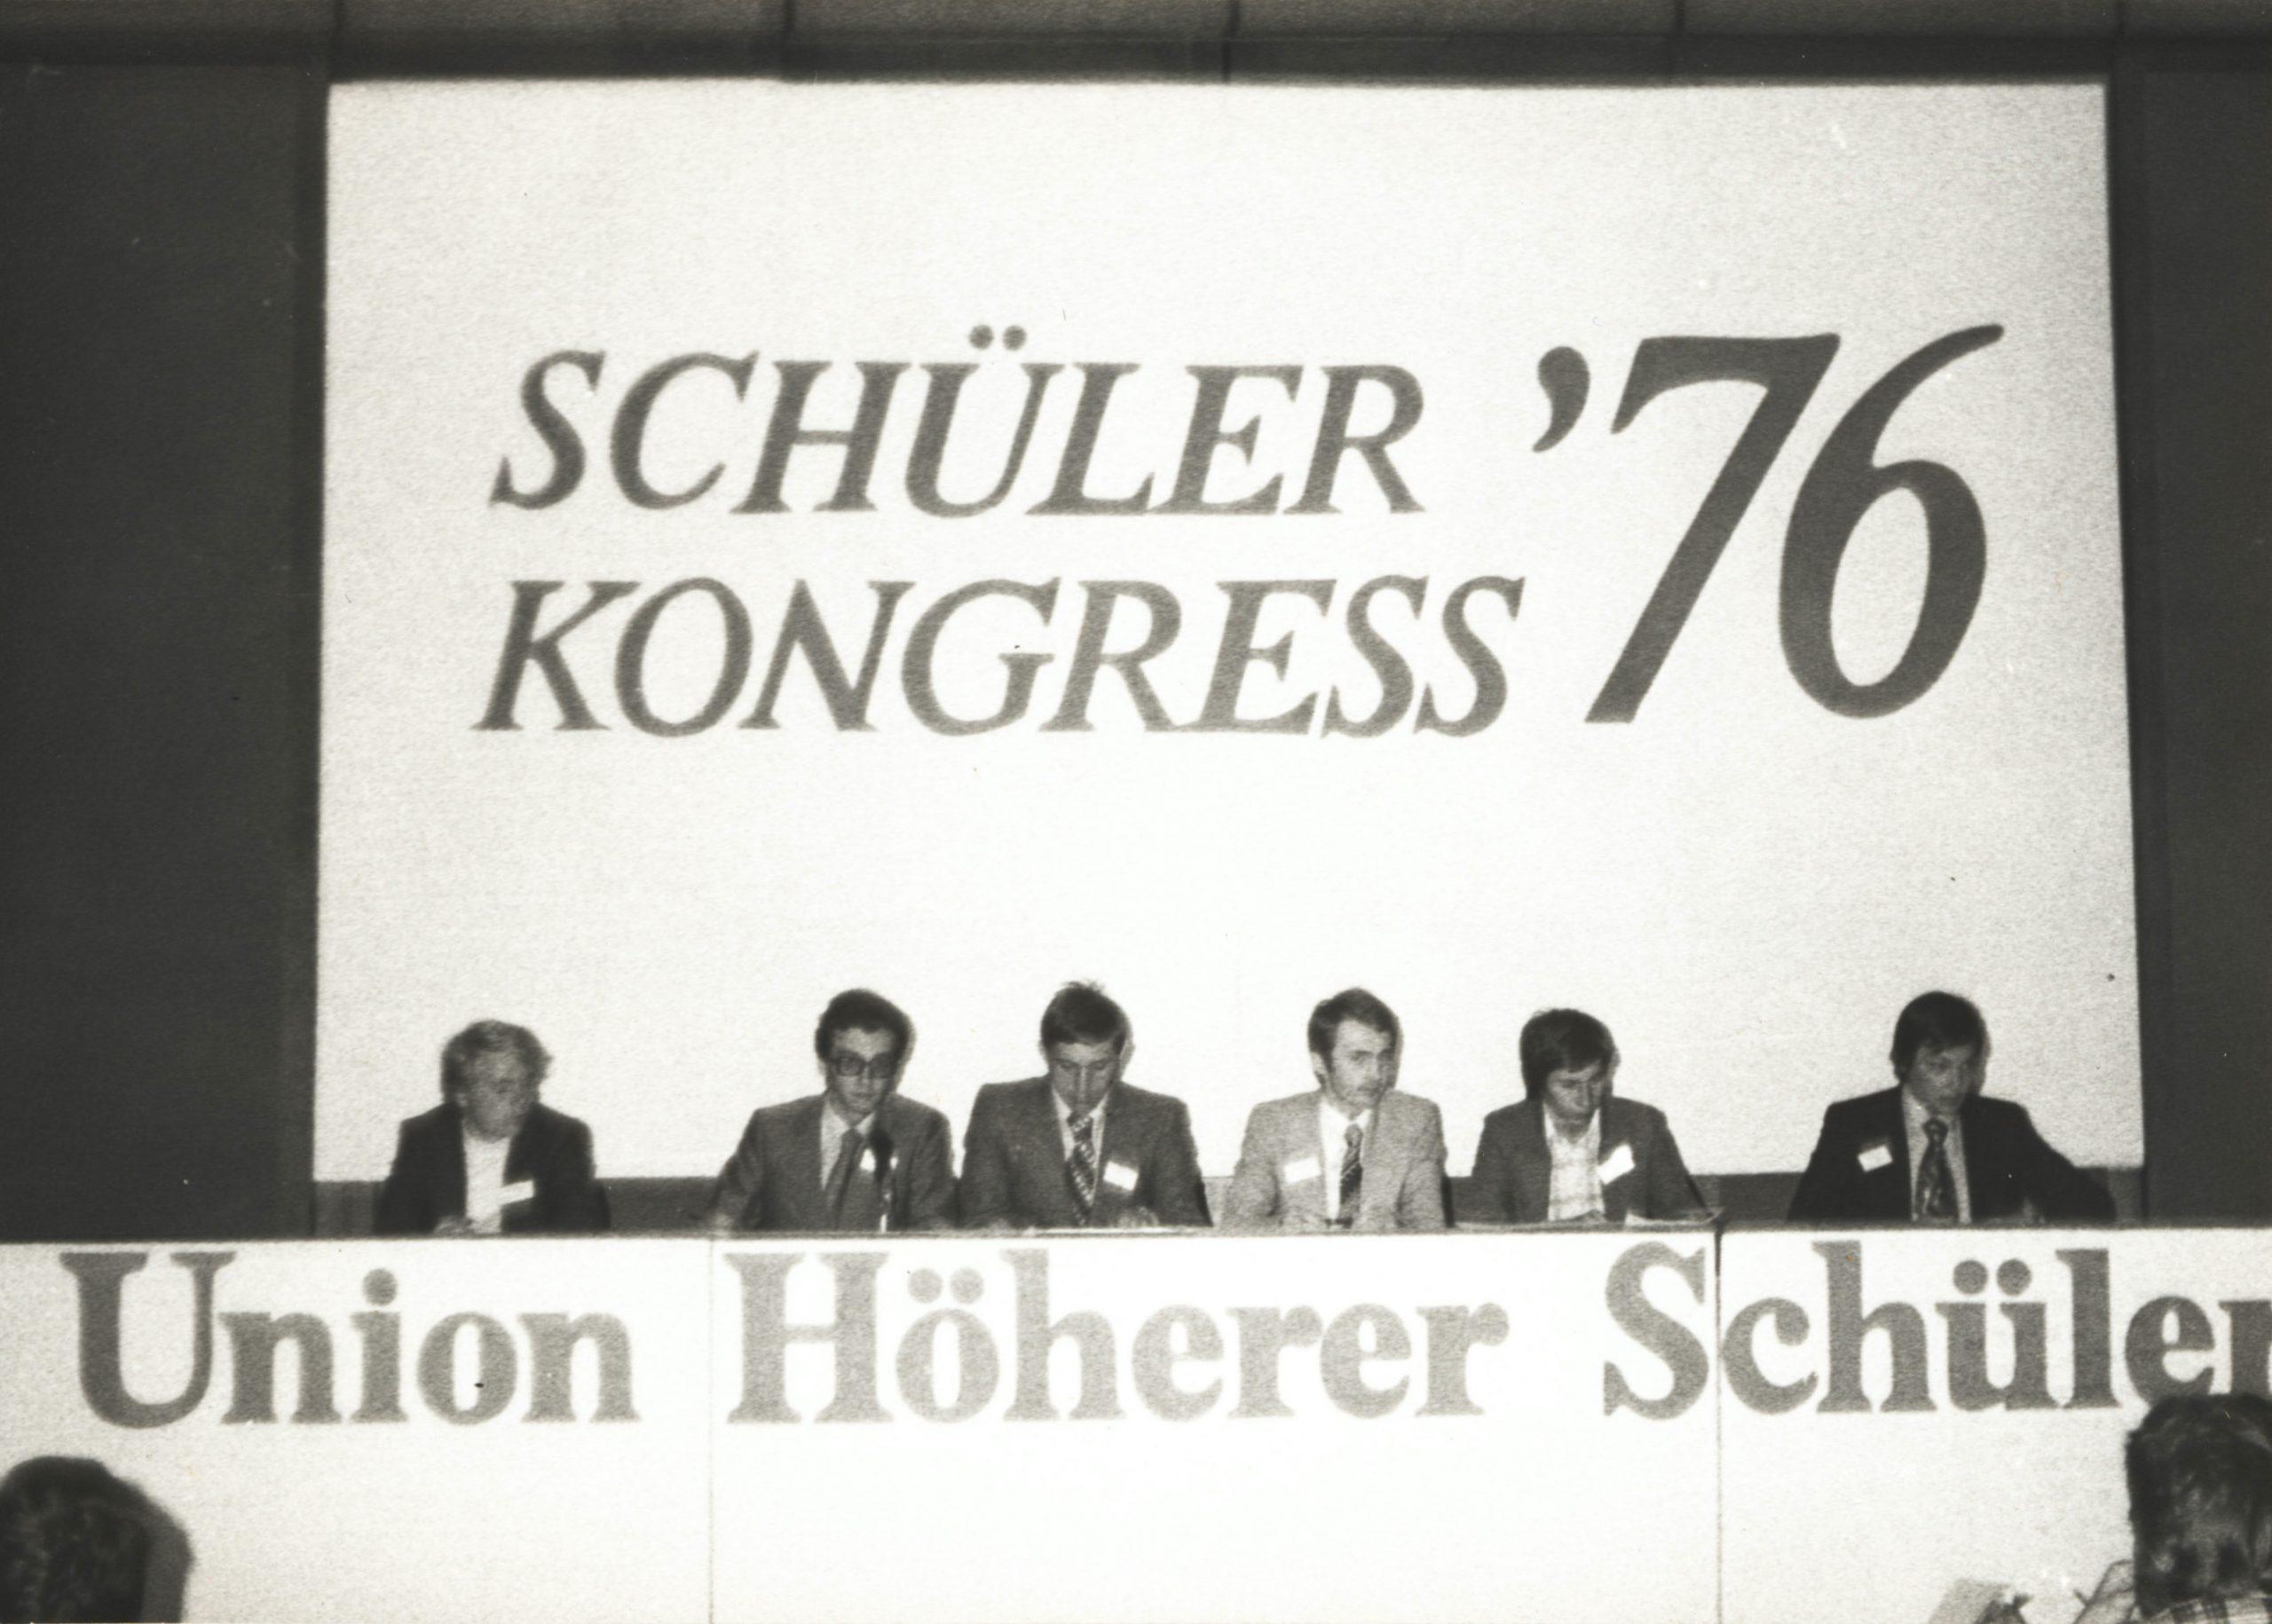 1976 Schülerunion